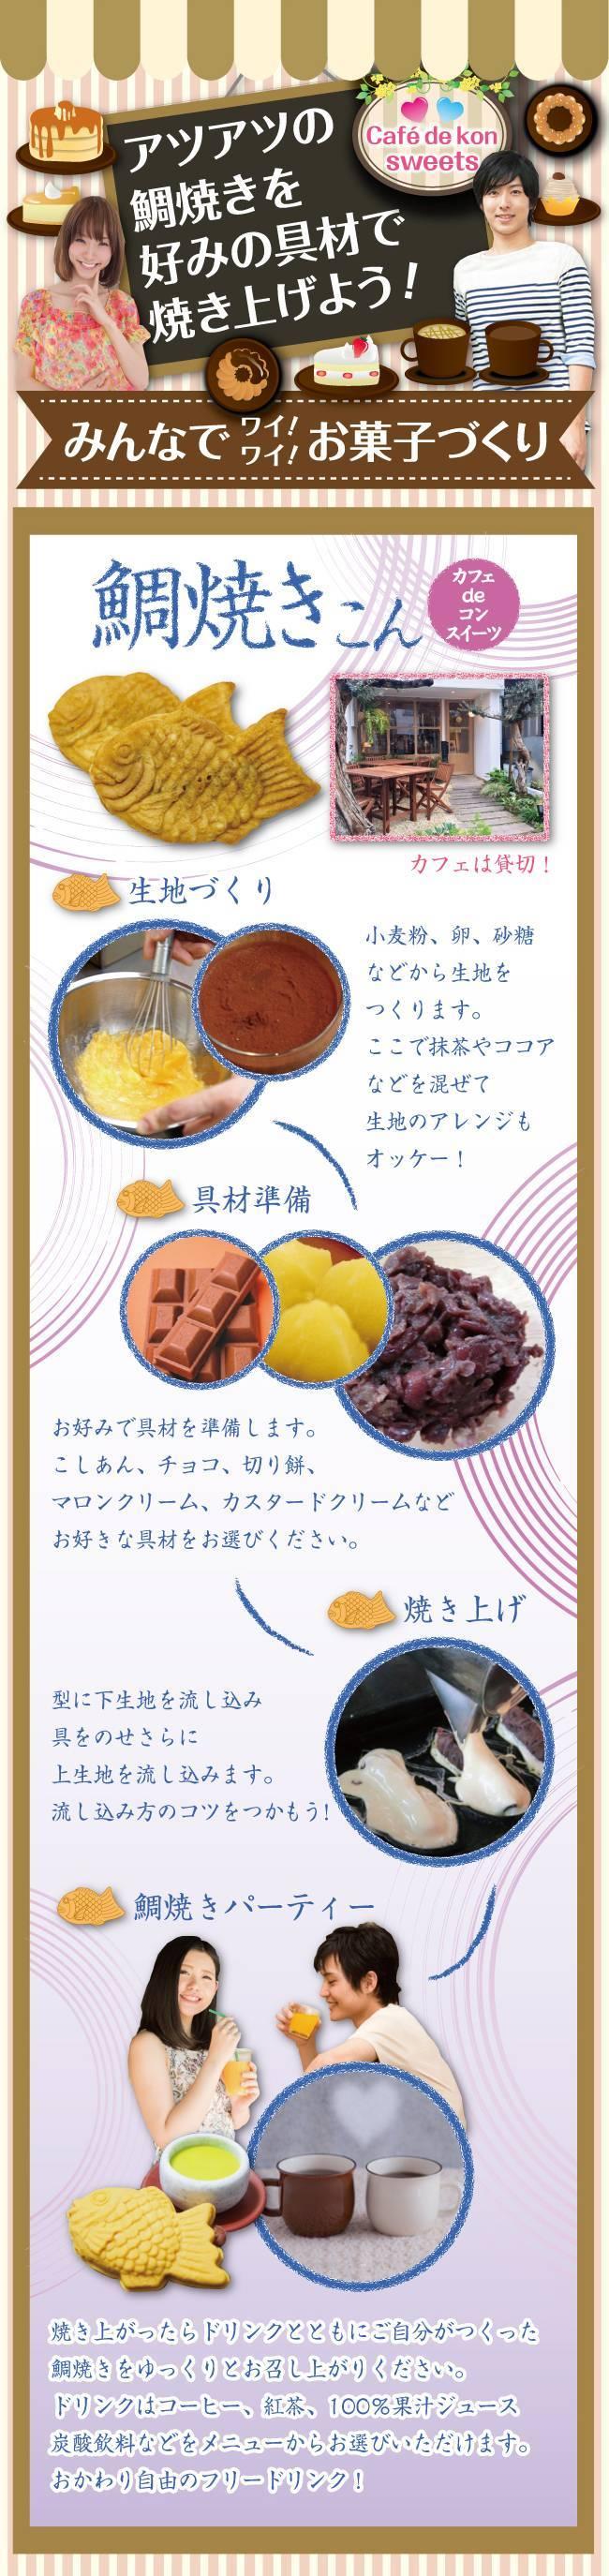 鯛焼きコンの紹介